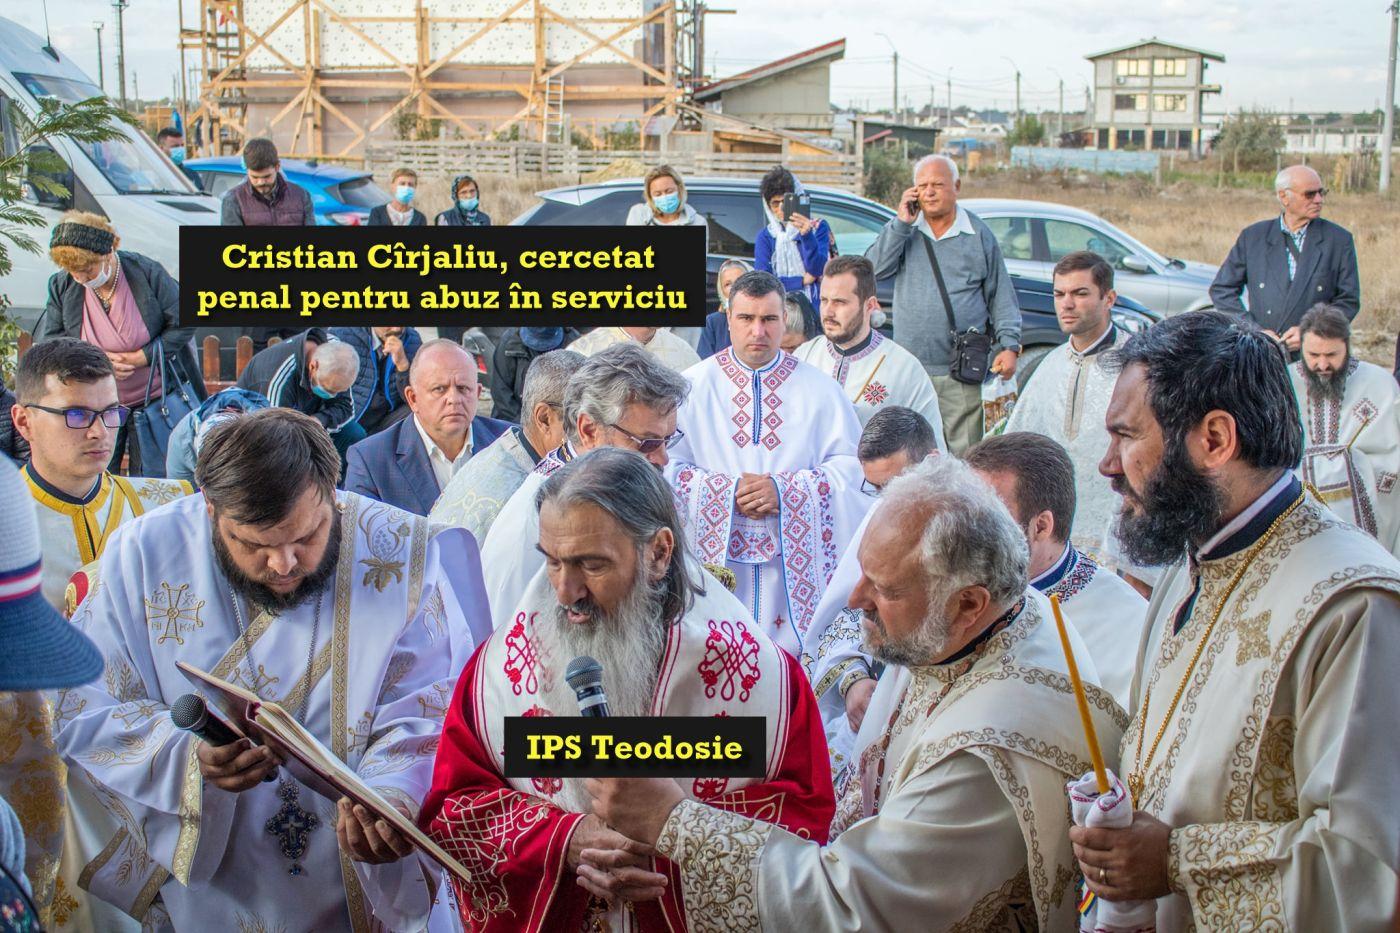 În plină campanie electorală, IPS Teodosie l-a lăudat pe primarul PSD Cristian Cîrjaliu, cercetat penal pentru abuz în serviciu